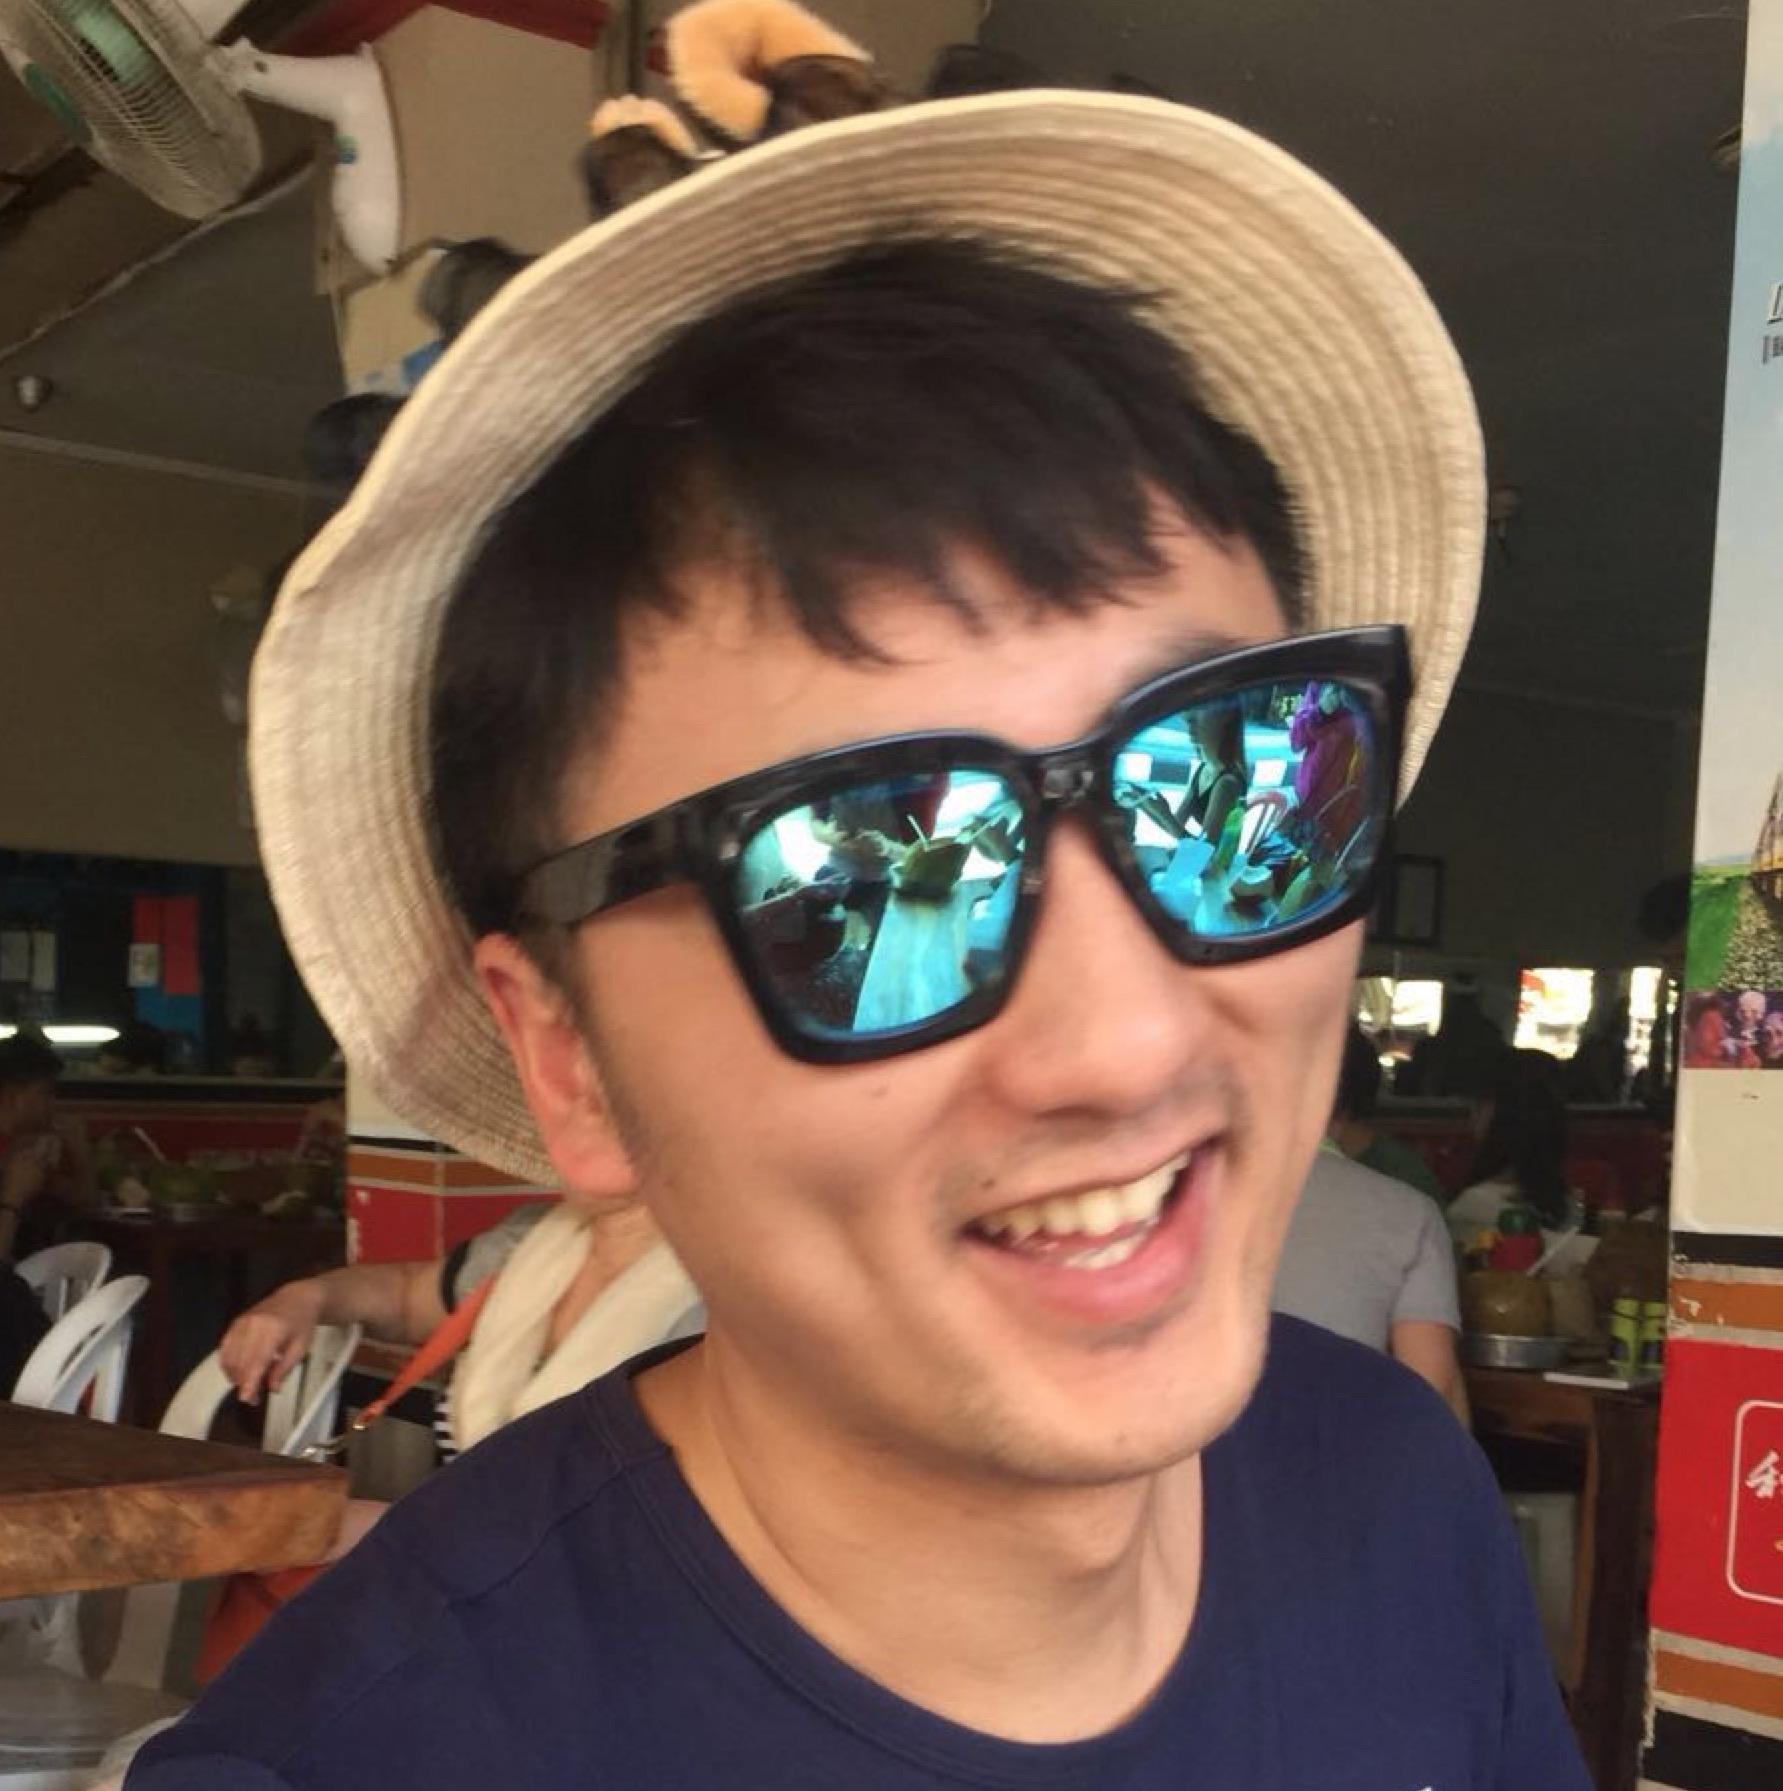 车轮互联架构师郭新华照片